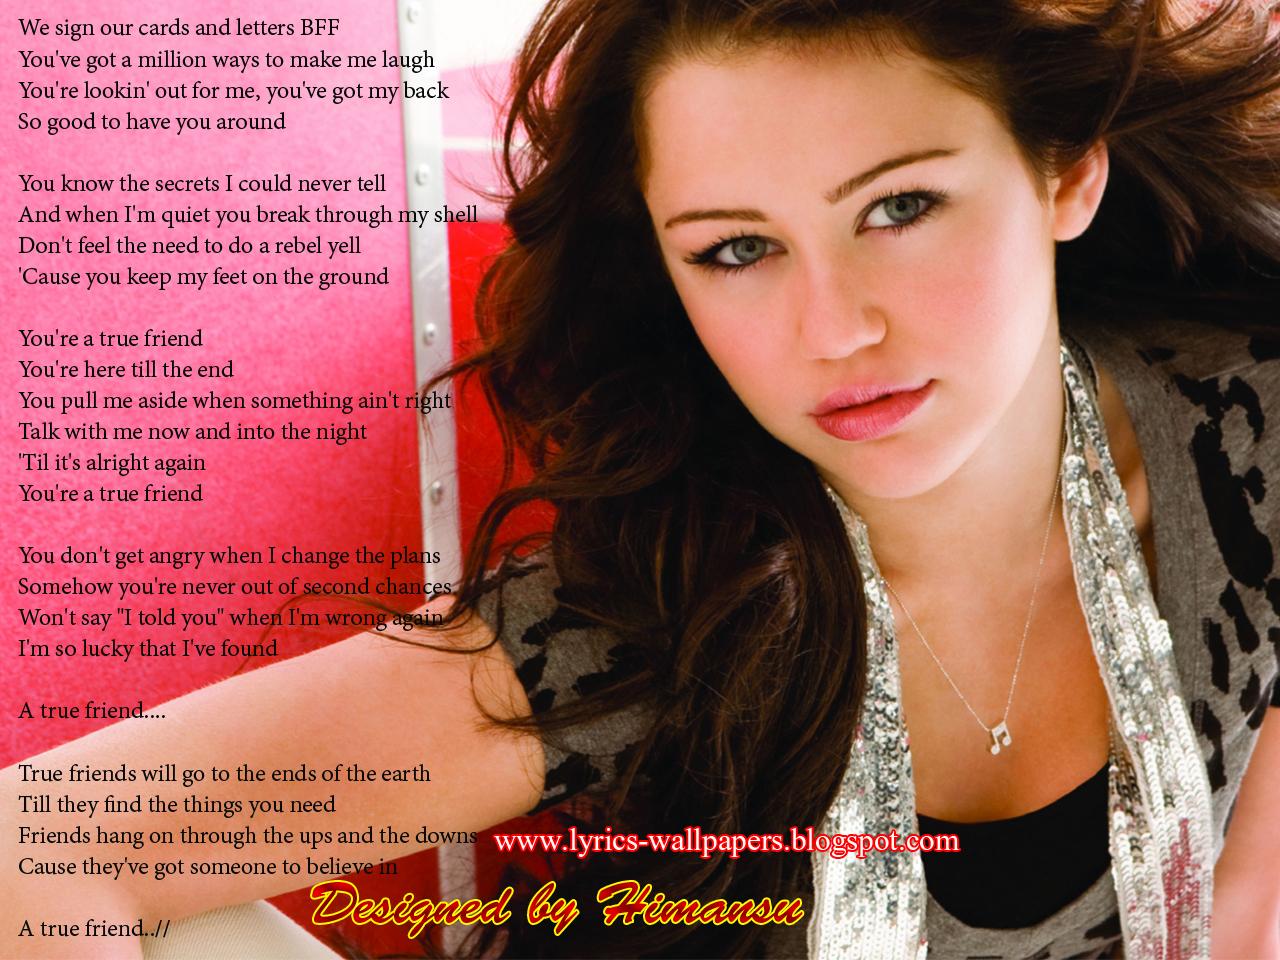 http://1.bp.blogspot.com/-MmrD5Ng7lg0/UNXf2OUtzPI/AAAAAAAAAf8/NiBKk181H98/s1600/true+friend.jpg